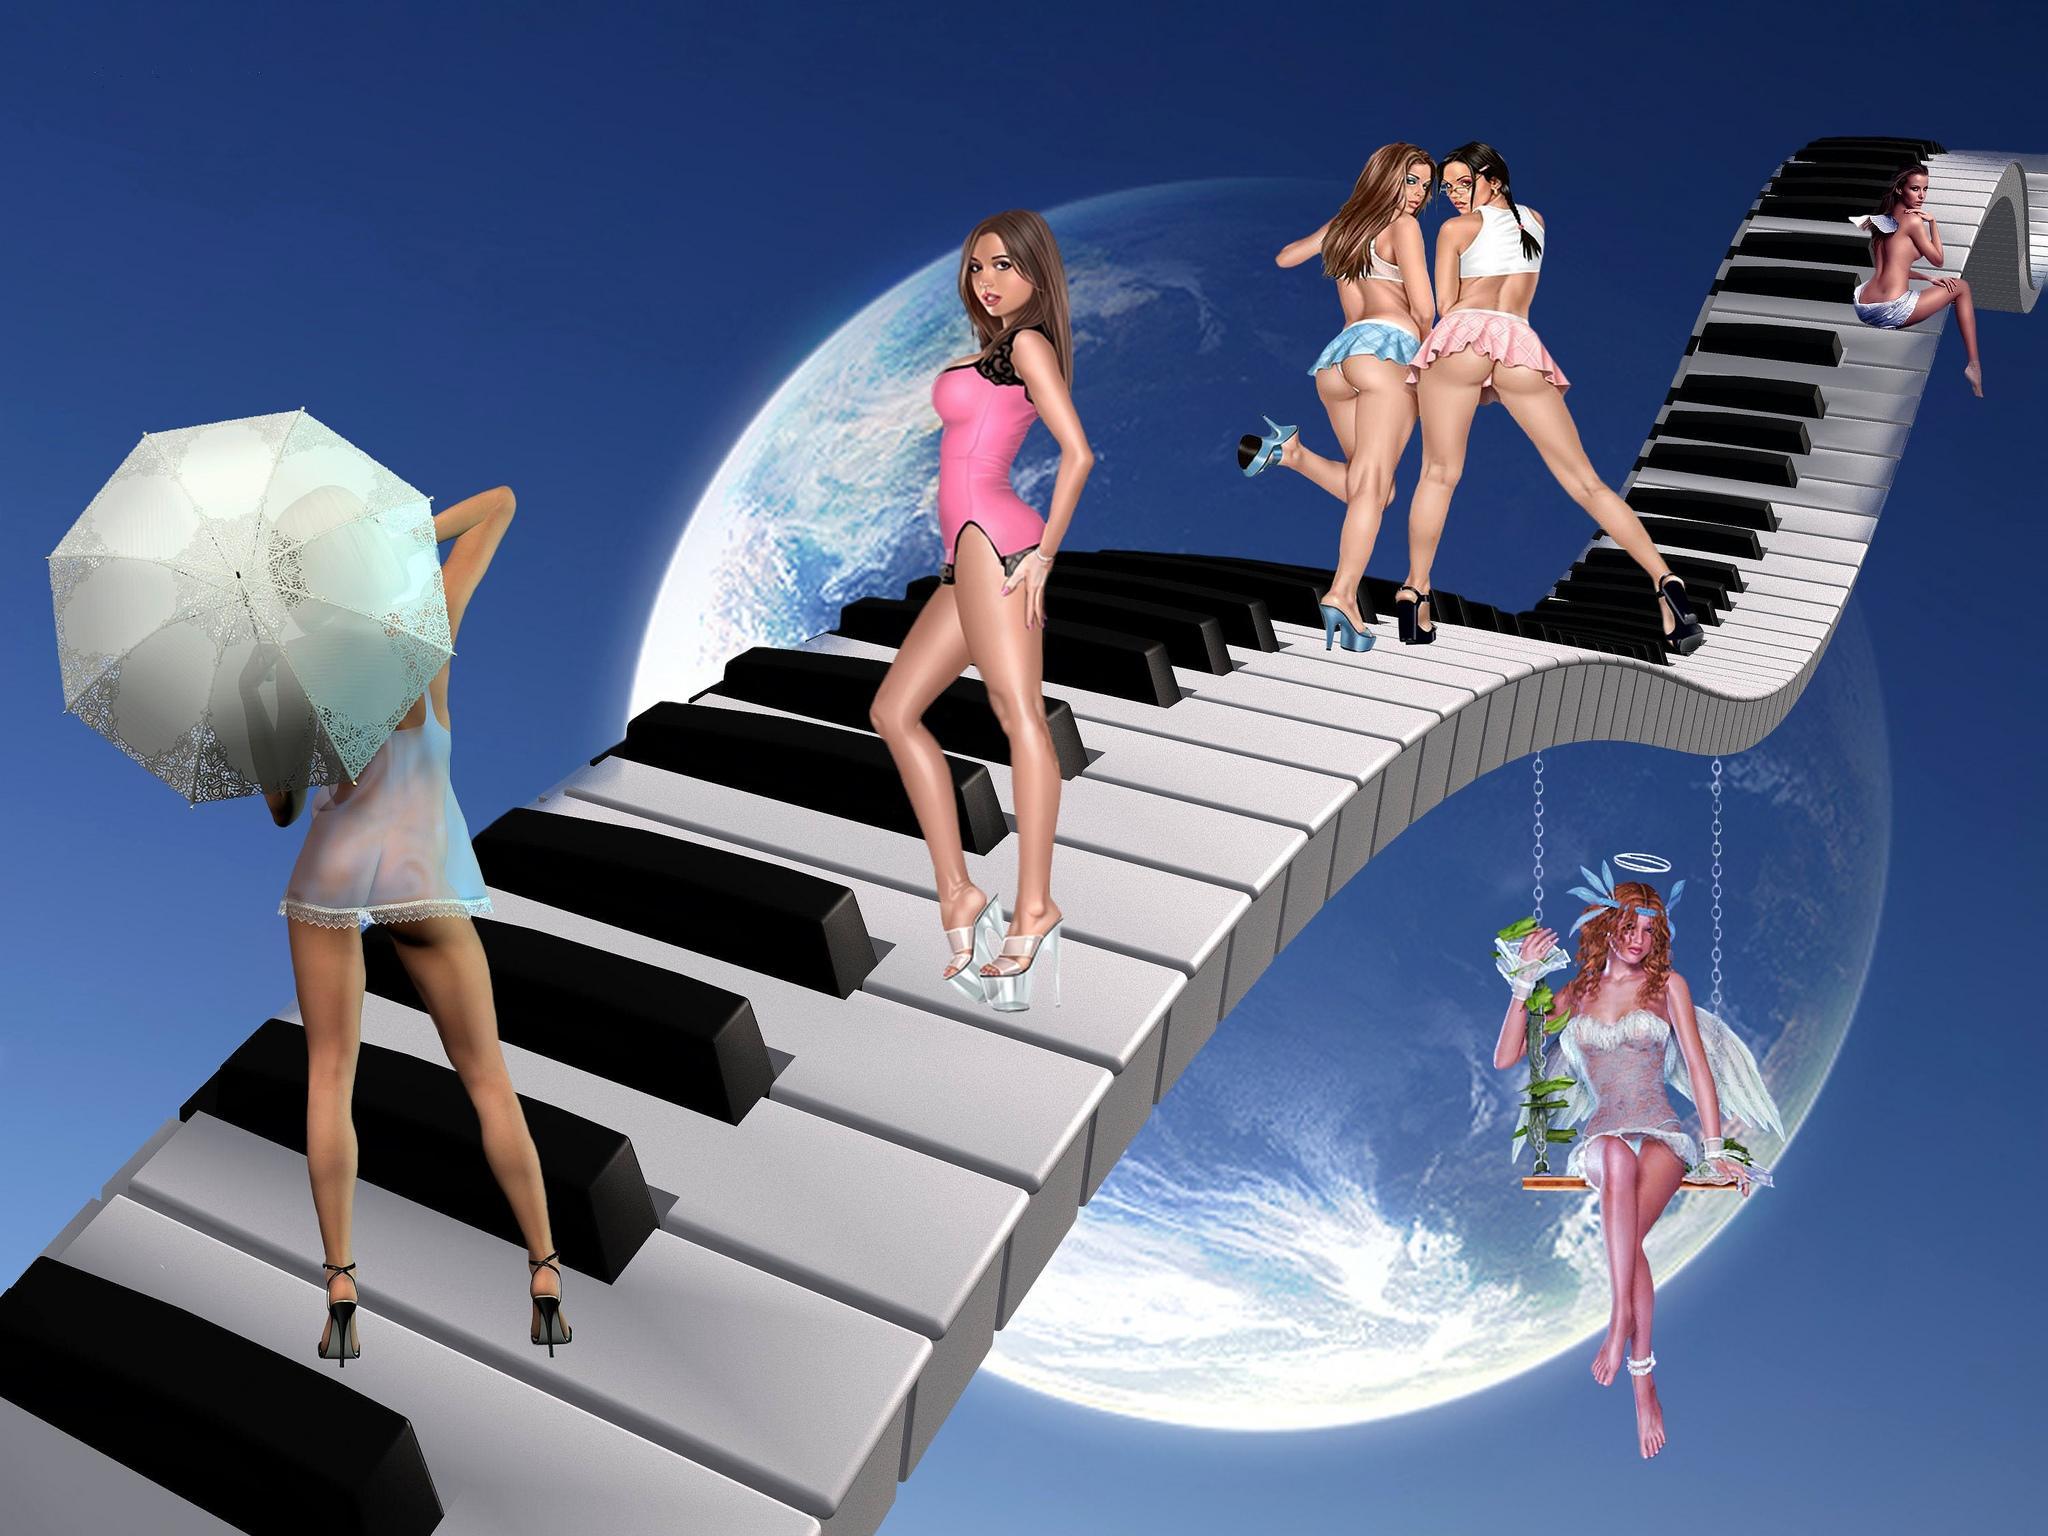 небо, клавиши, виртуальные девушки